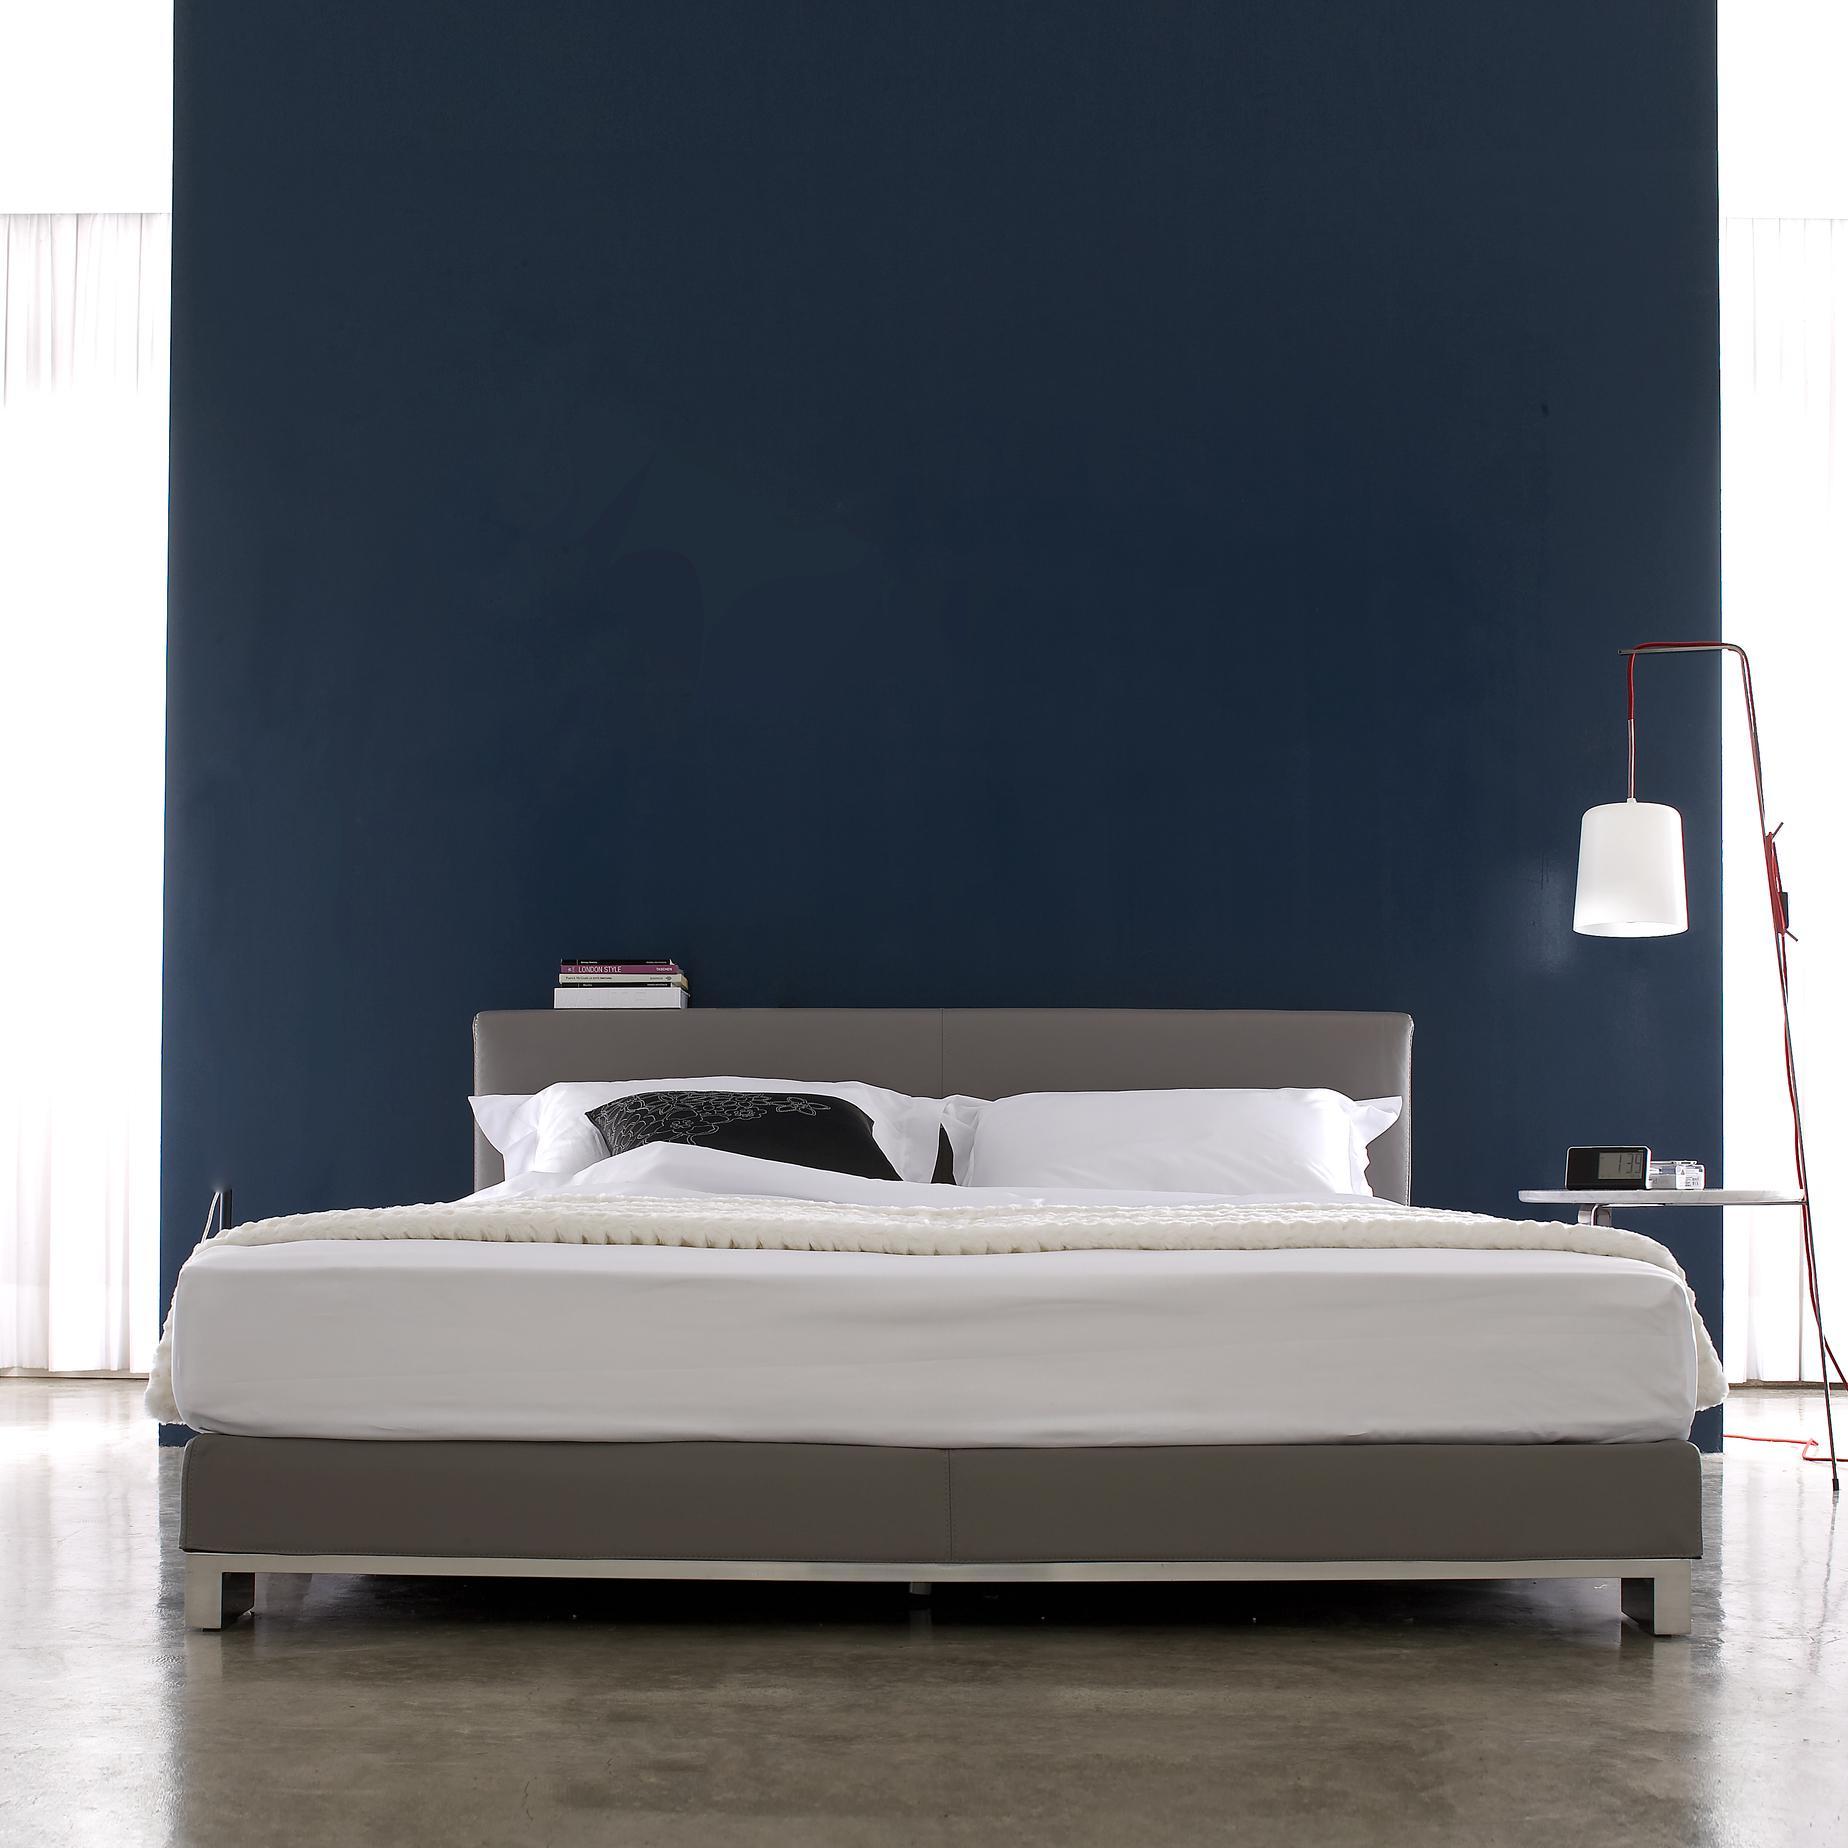 anna beds designer christian werner ligne roset. Black Bedroom Furniture Sets. Home Design Ideas